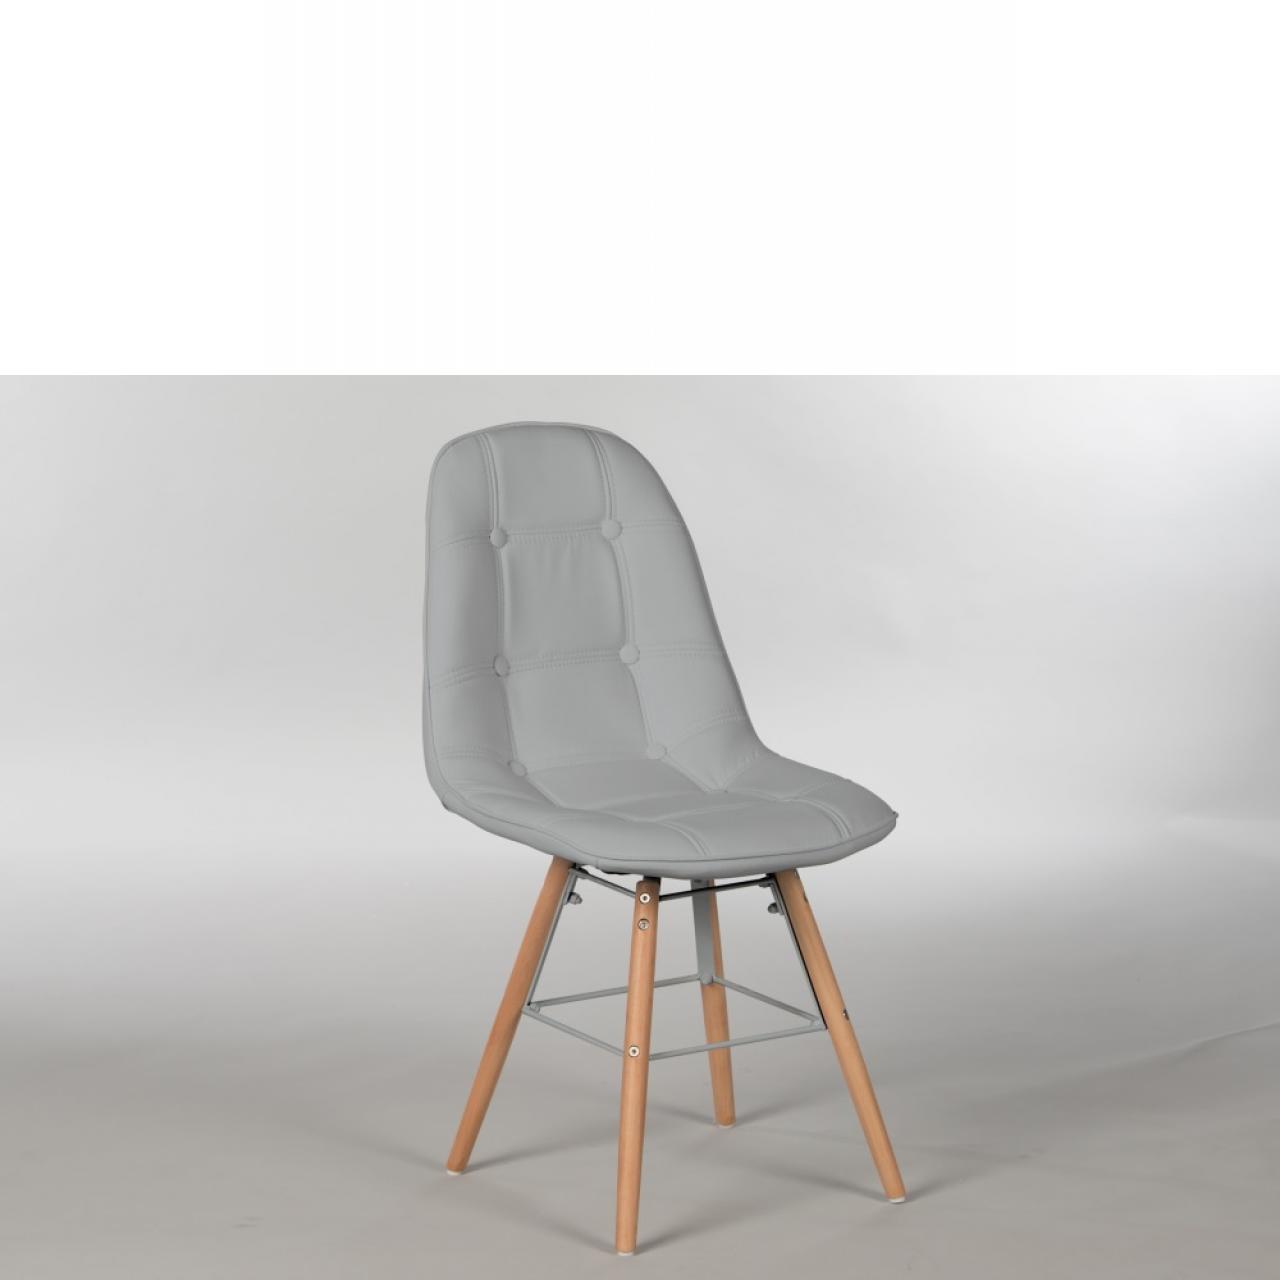 stuhl tivoli grau st hle hocker esszimmer wohnen m bel j hnichen center gmbh. Black Bedroom Furniture Sets. Home Design Ideas